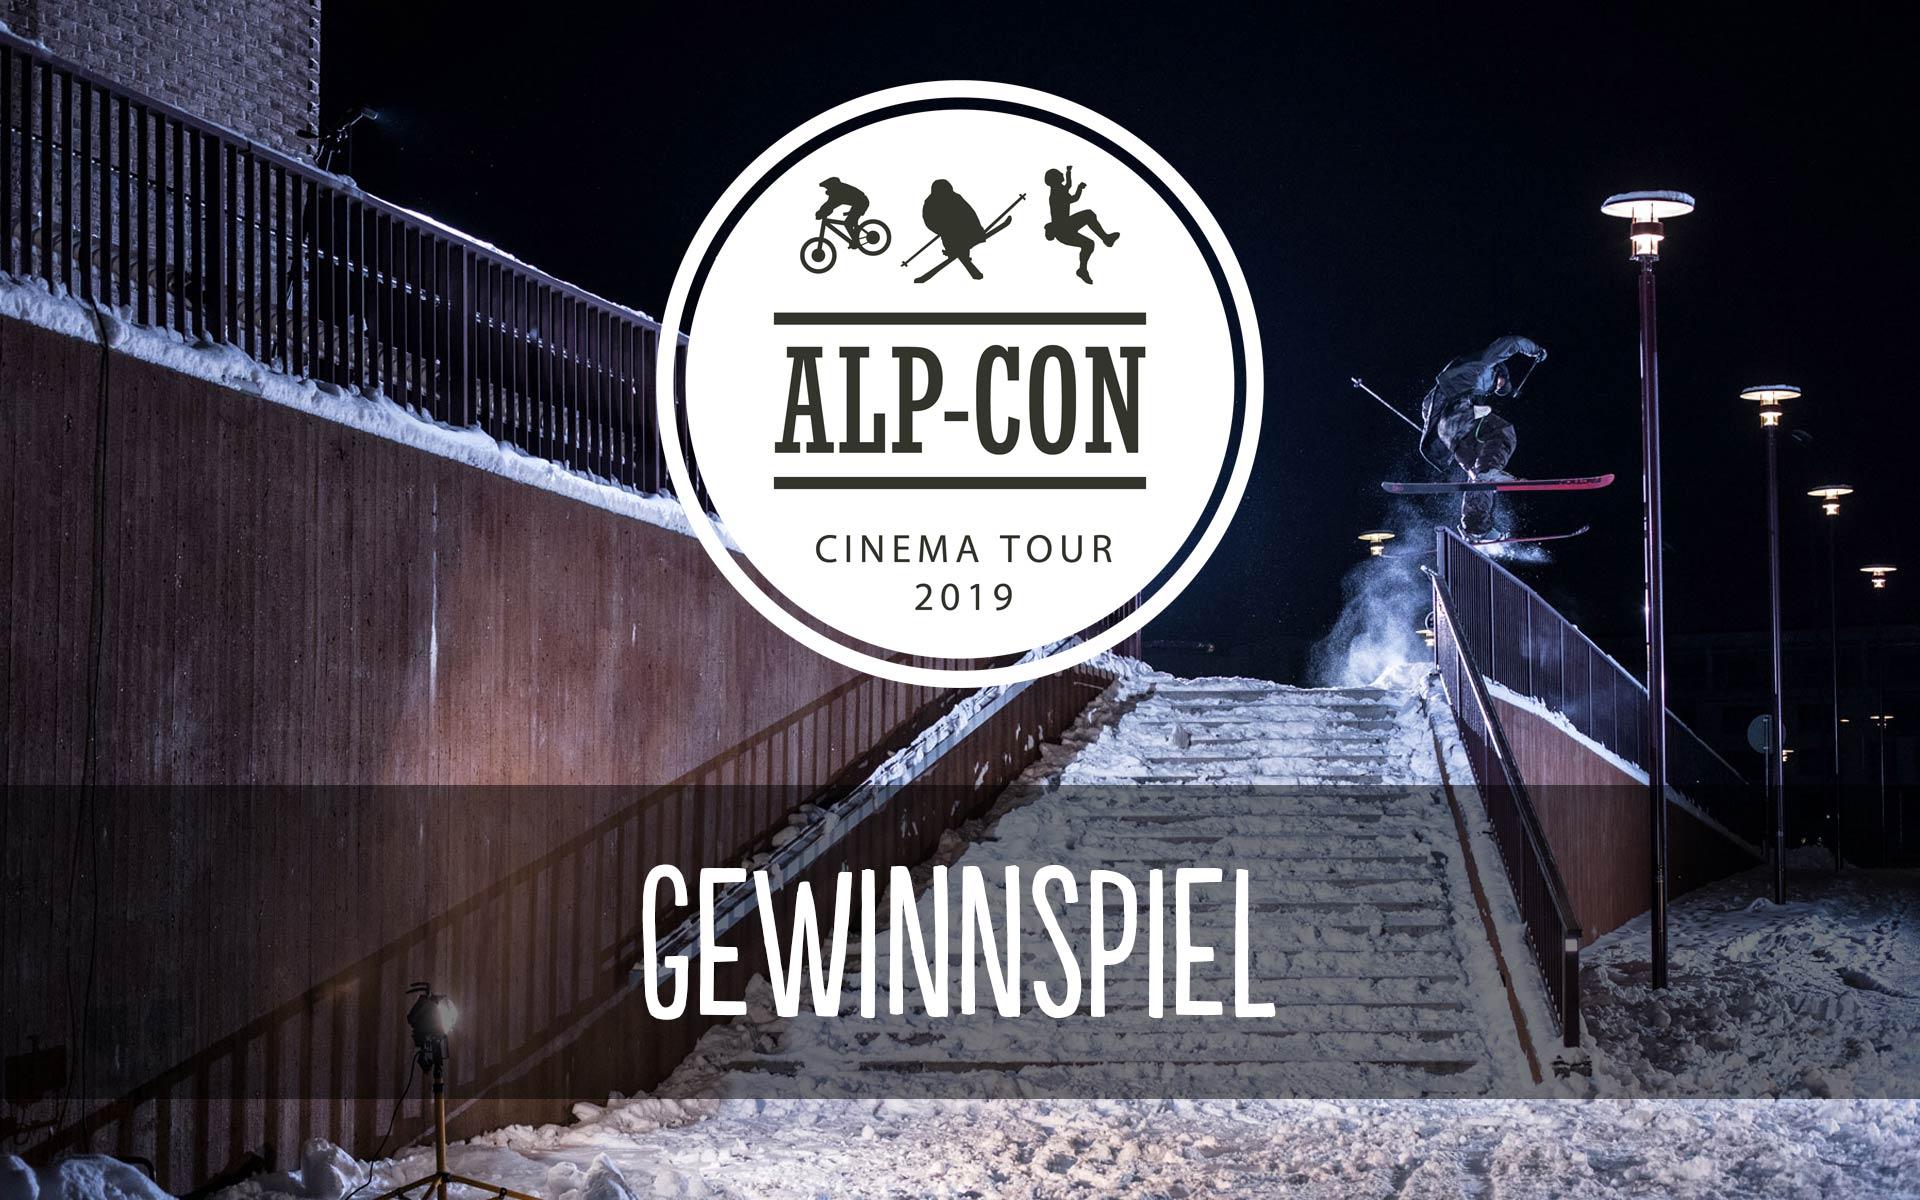 Alp-Con Cinematour 2019: Filme, Termine, Gewinnspiel, Trailer und mehr